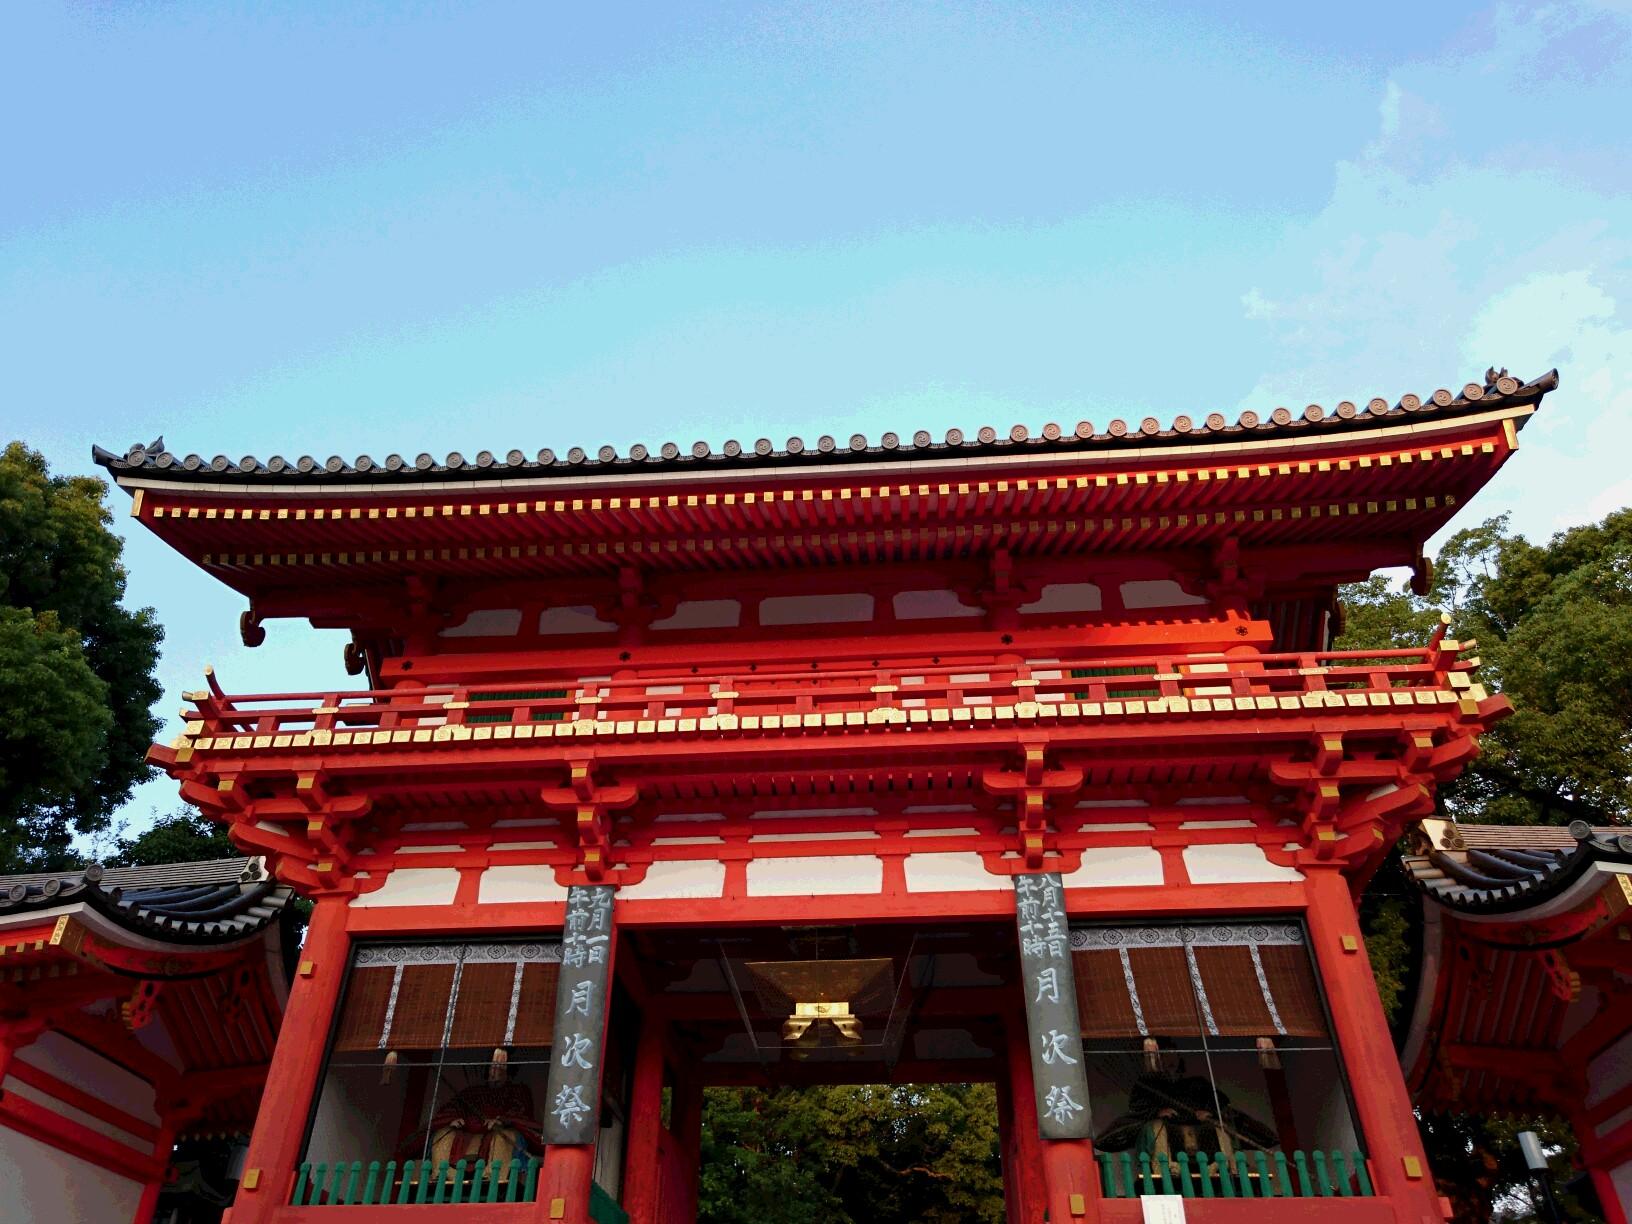 八坂神社西楼門・夕景